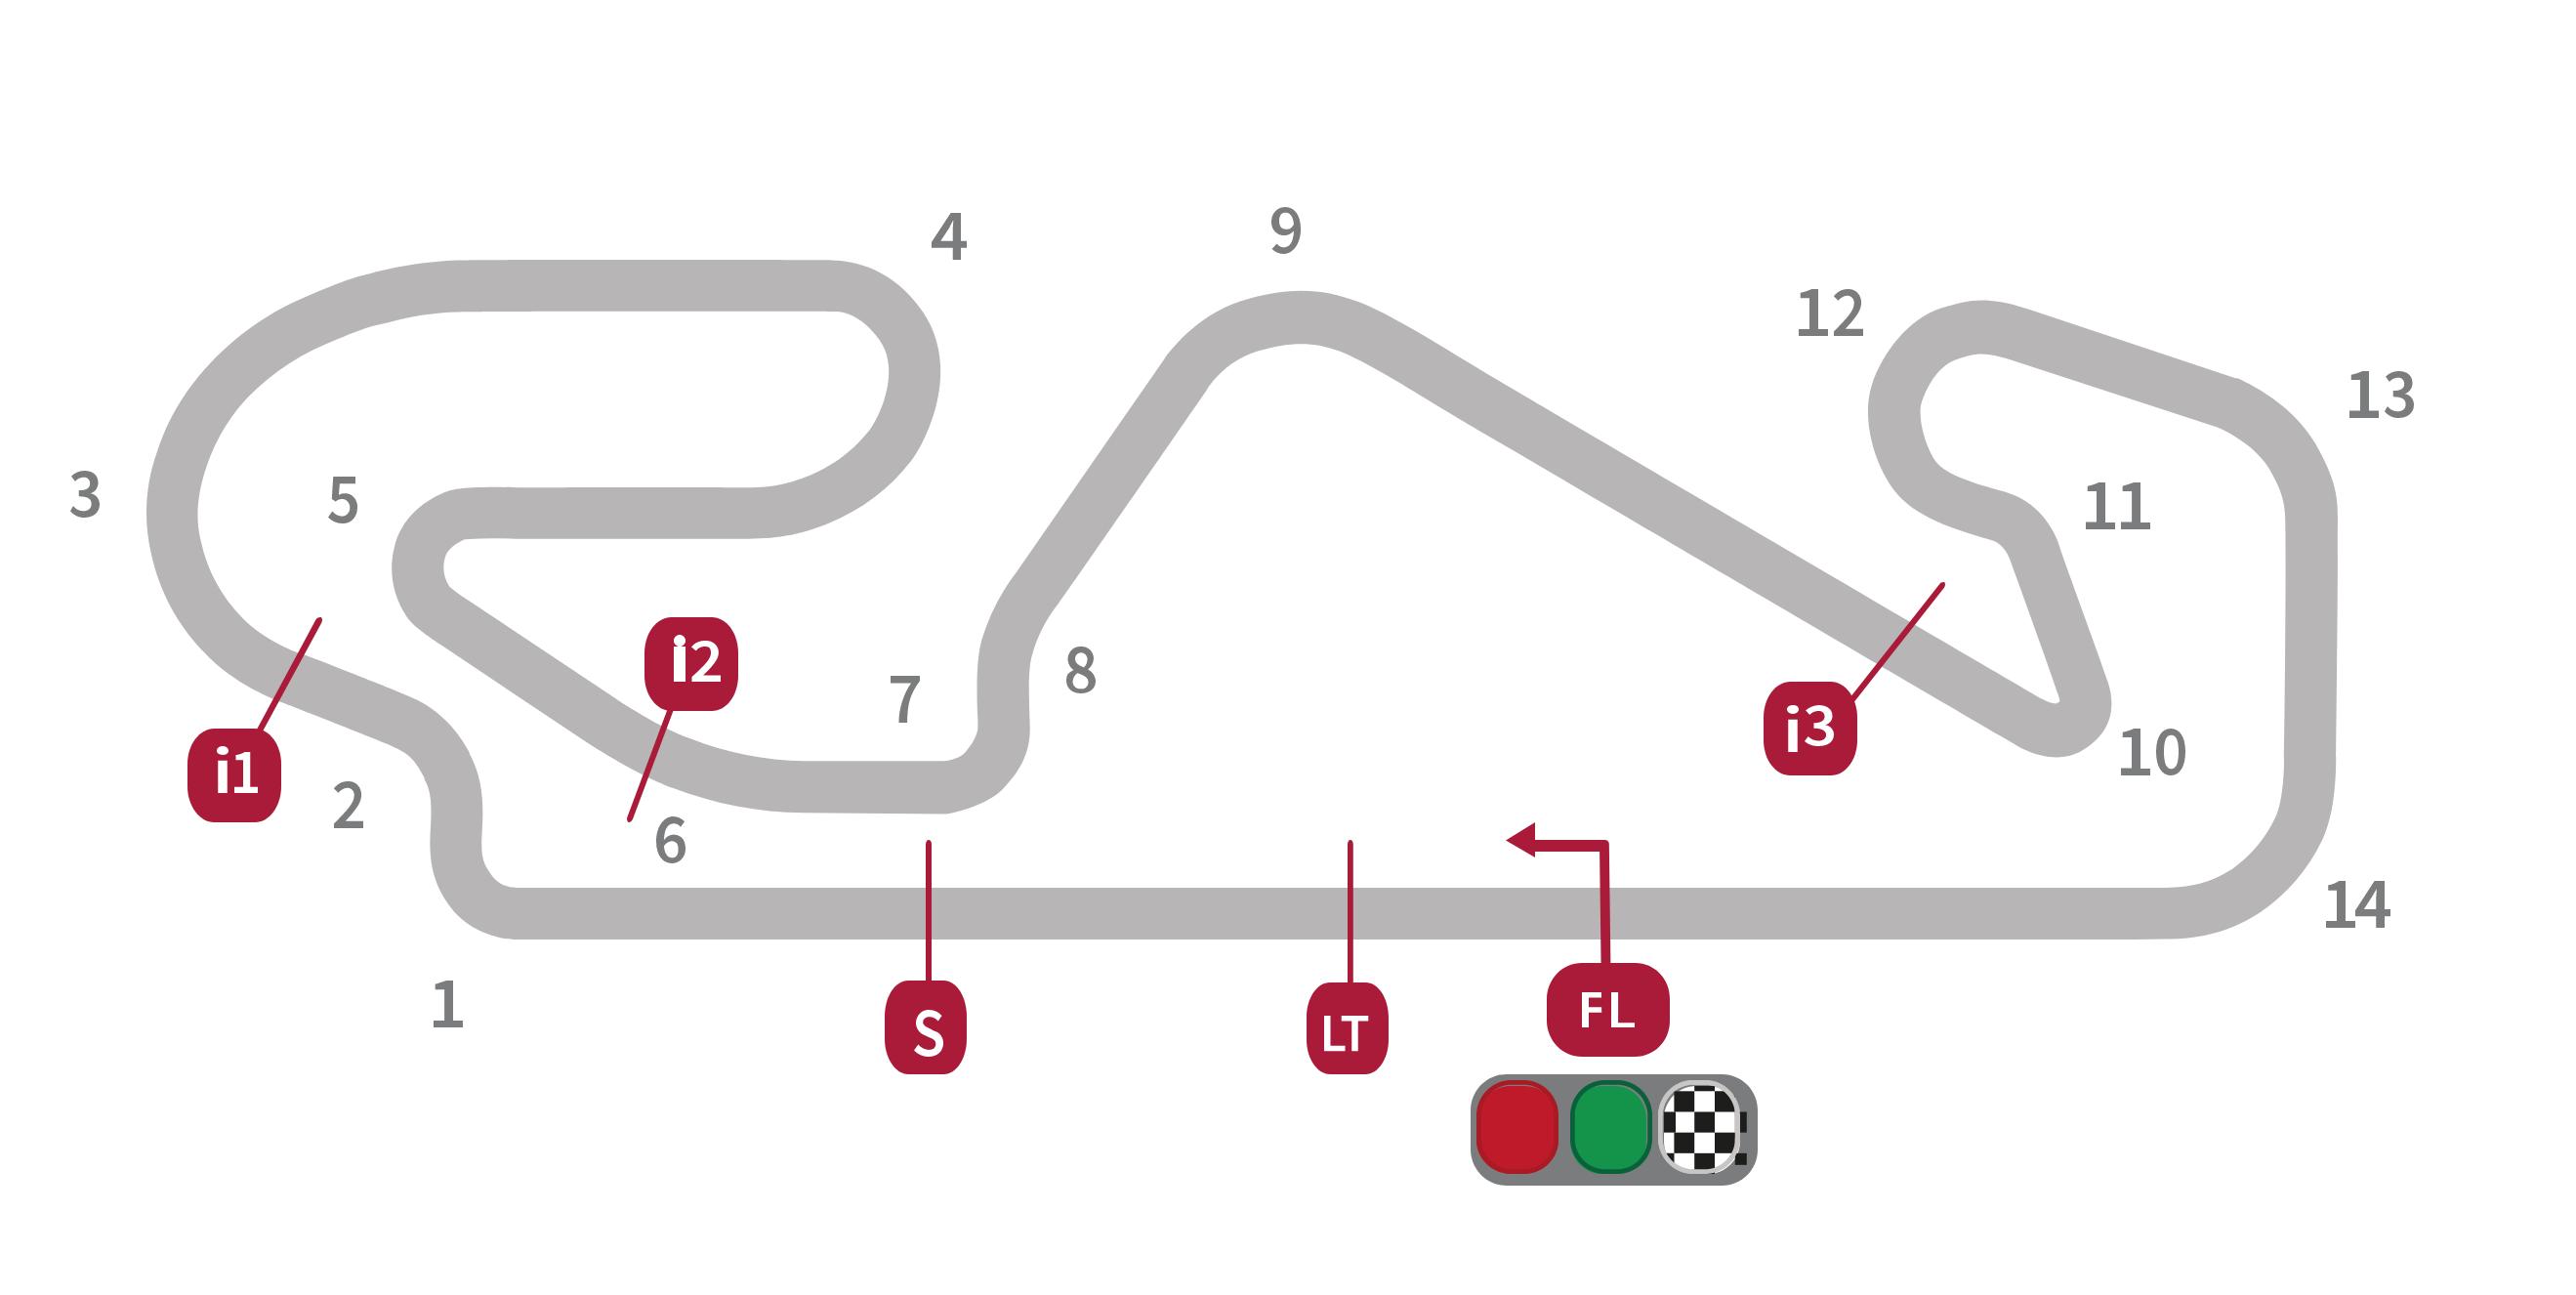 MotoGPカタルーニャサーキットコース図